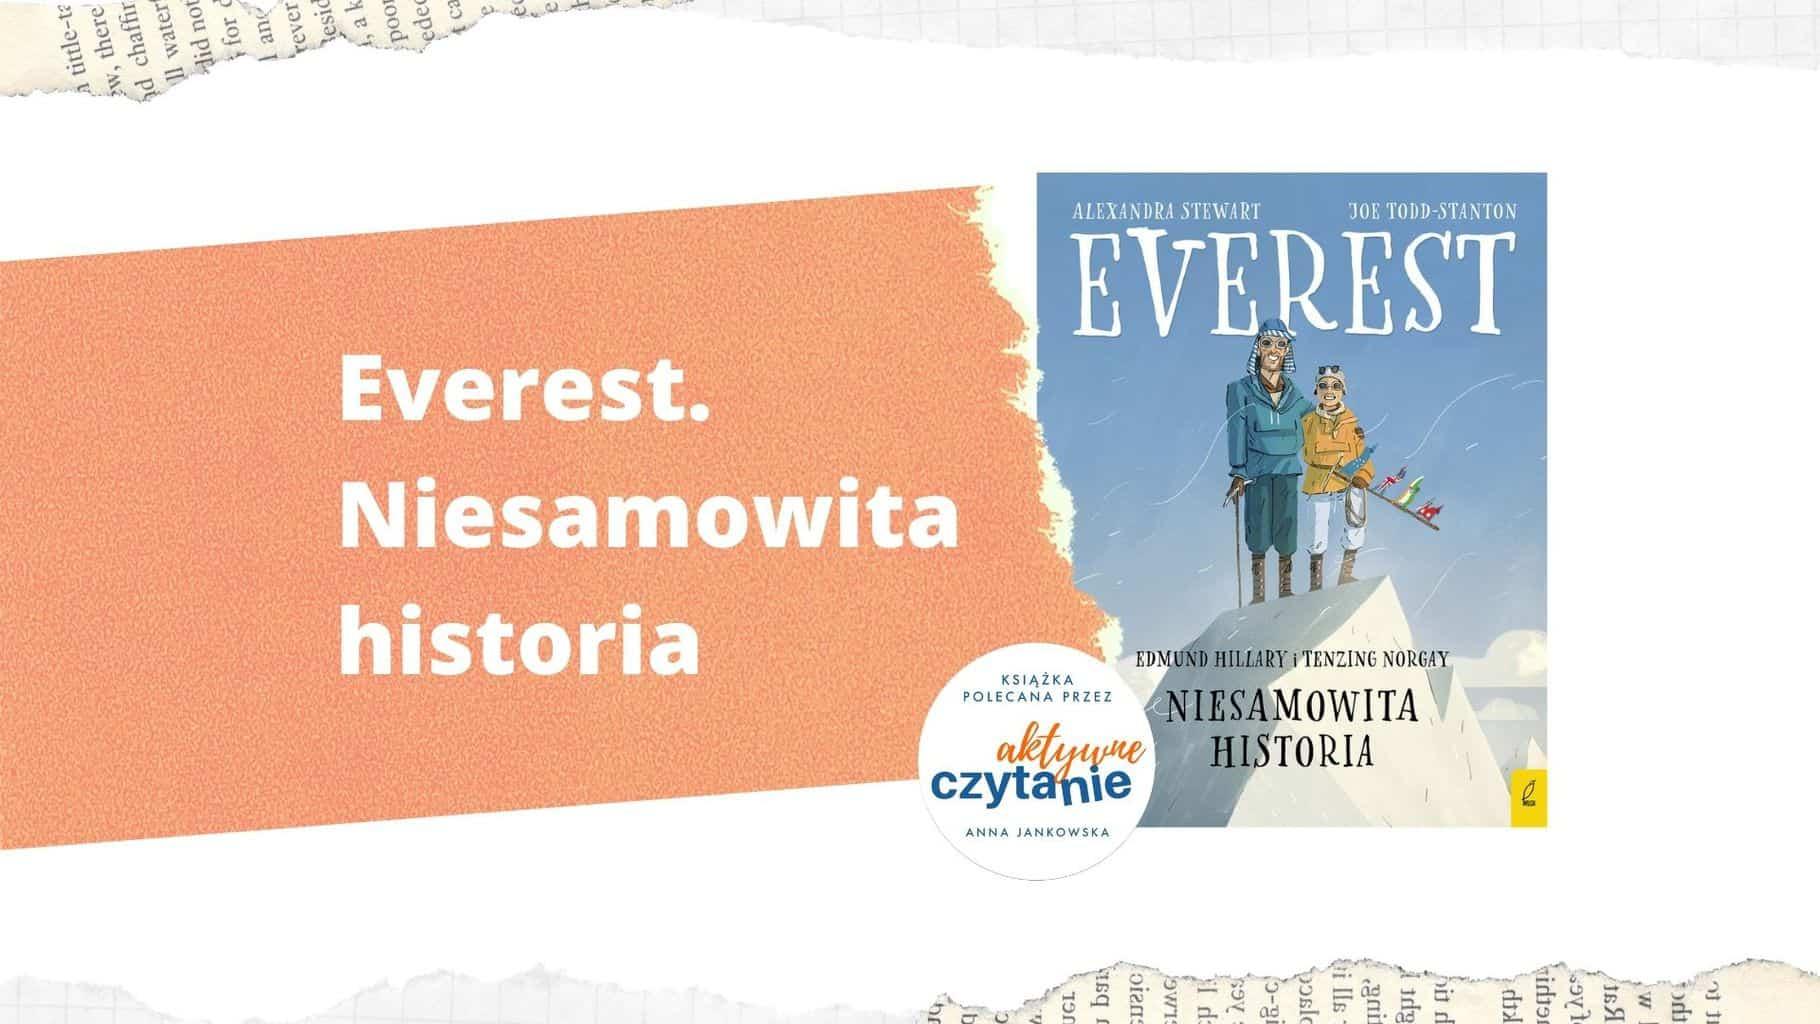 Everest Niesamowita historia recenzja ksiazki dla dzieci